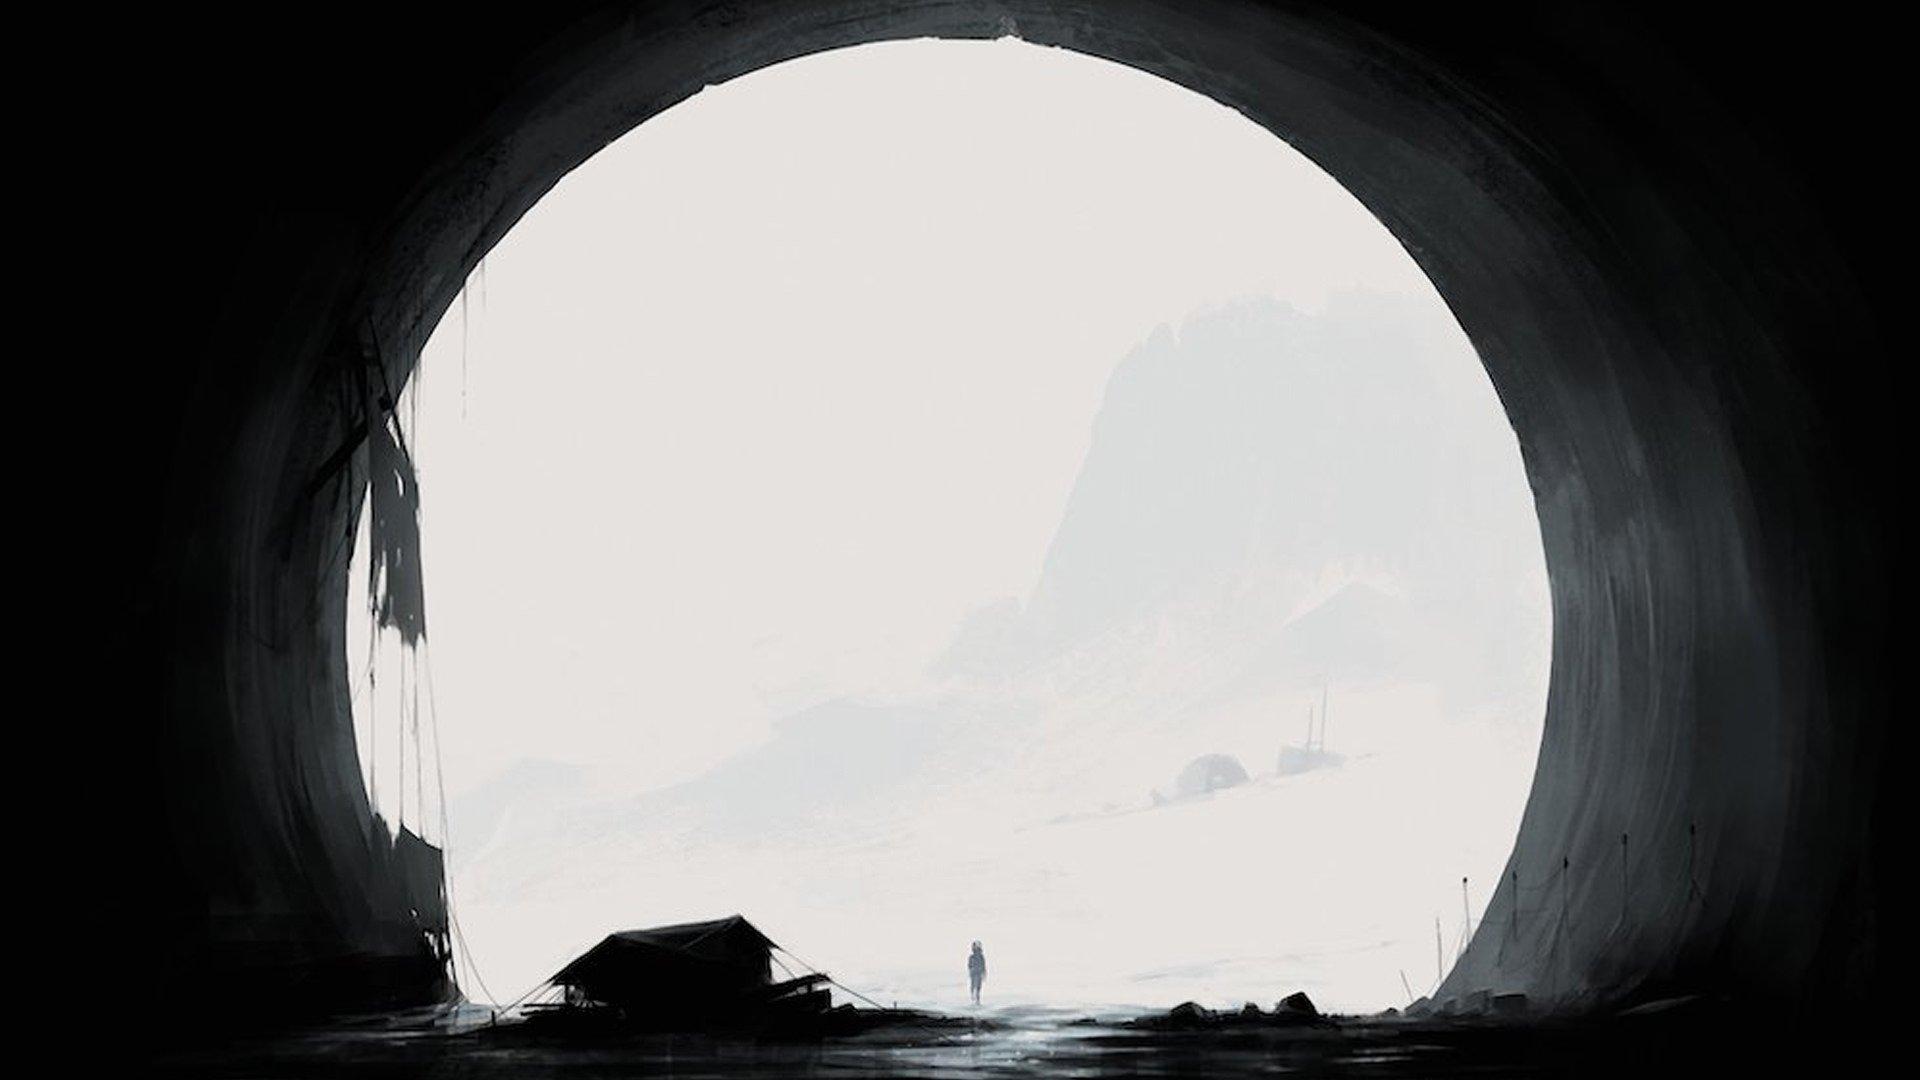 بازی جدید سازندگان Limbo و Inside احتمالا در سبک سوم شخص و با فضایی علمی تخیلی ساخته میشود